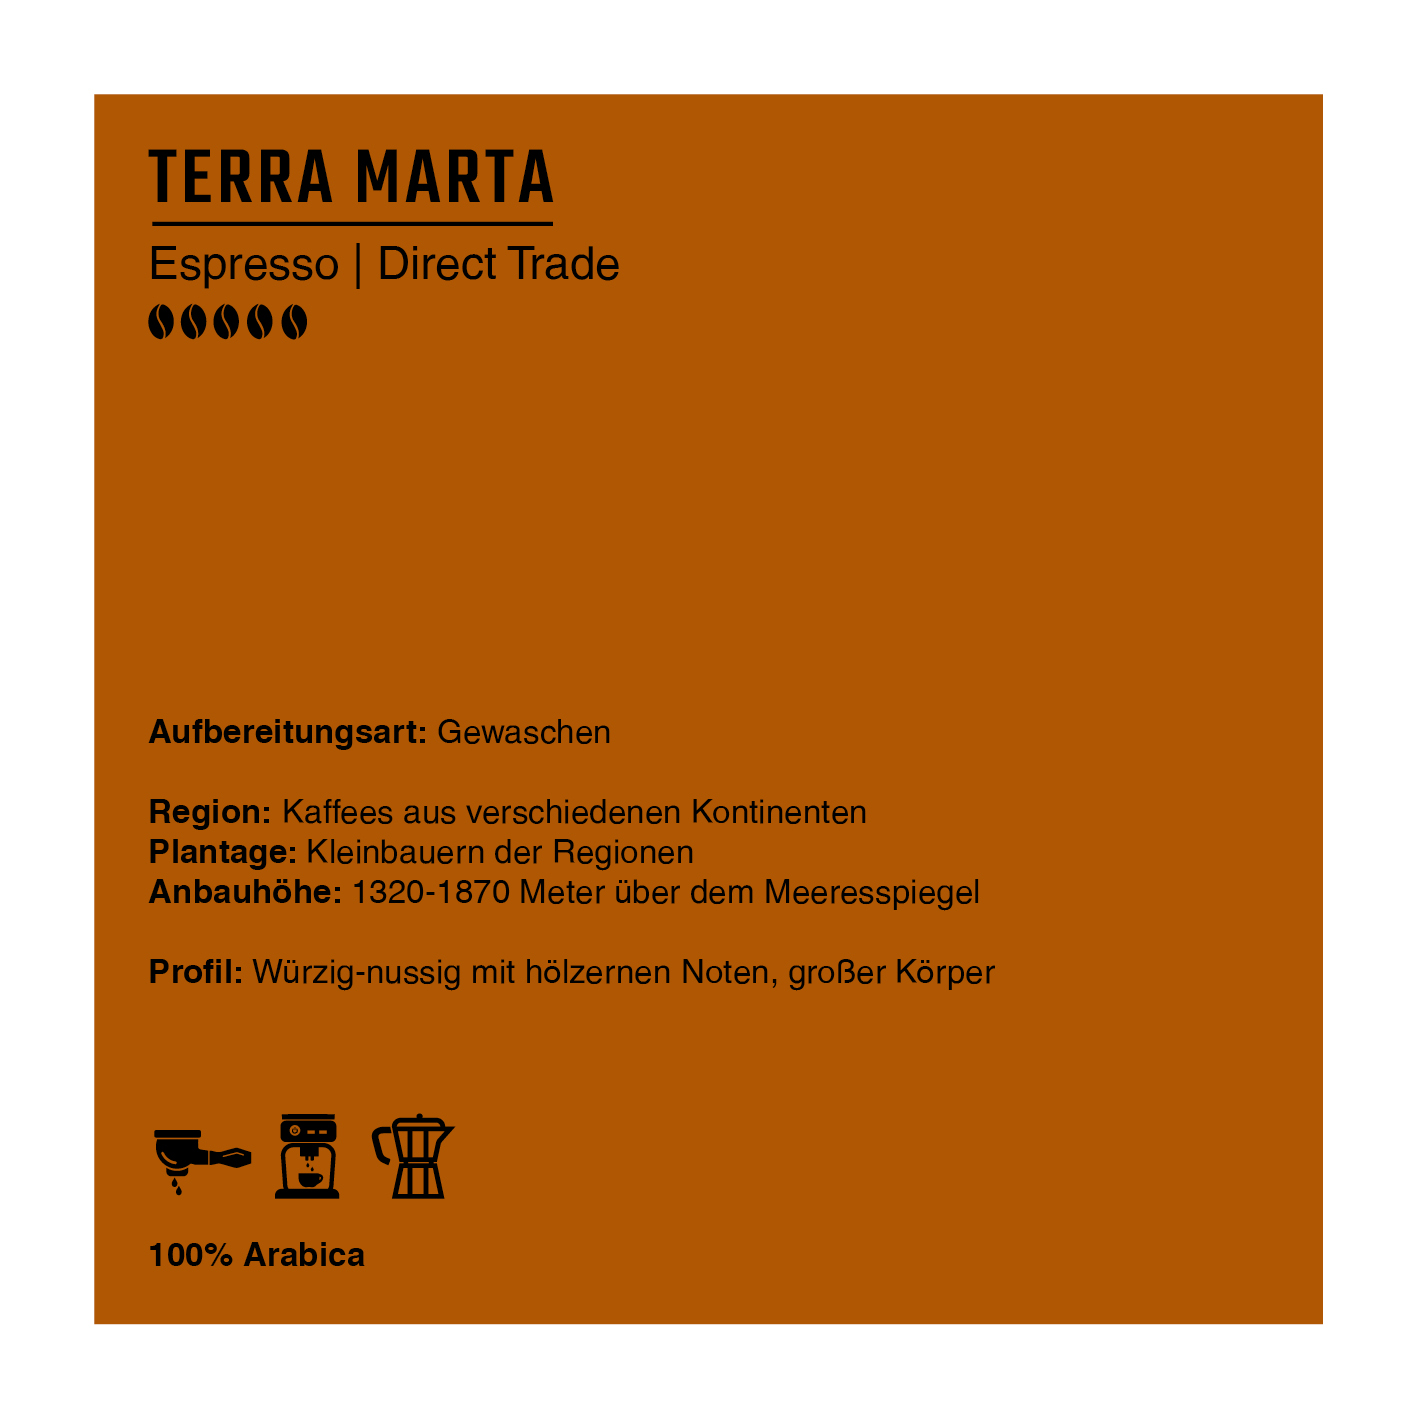 TerraMarta_Espresso